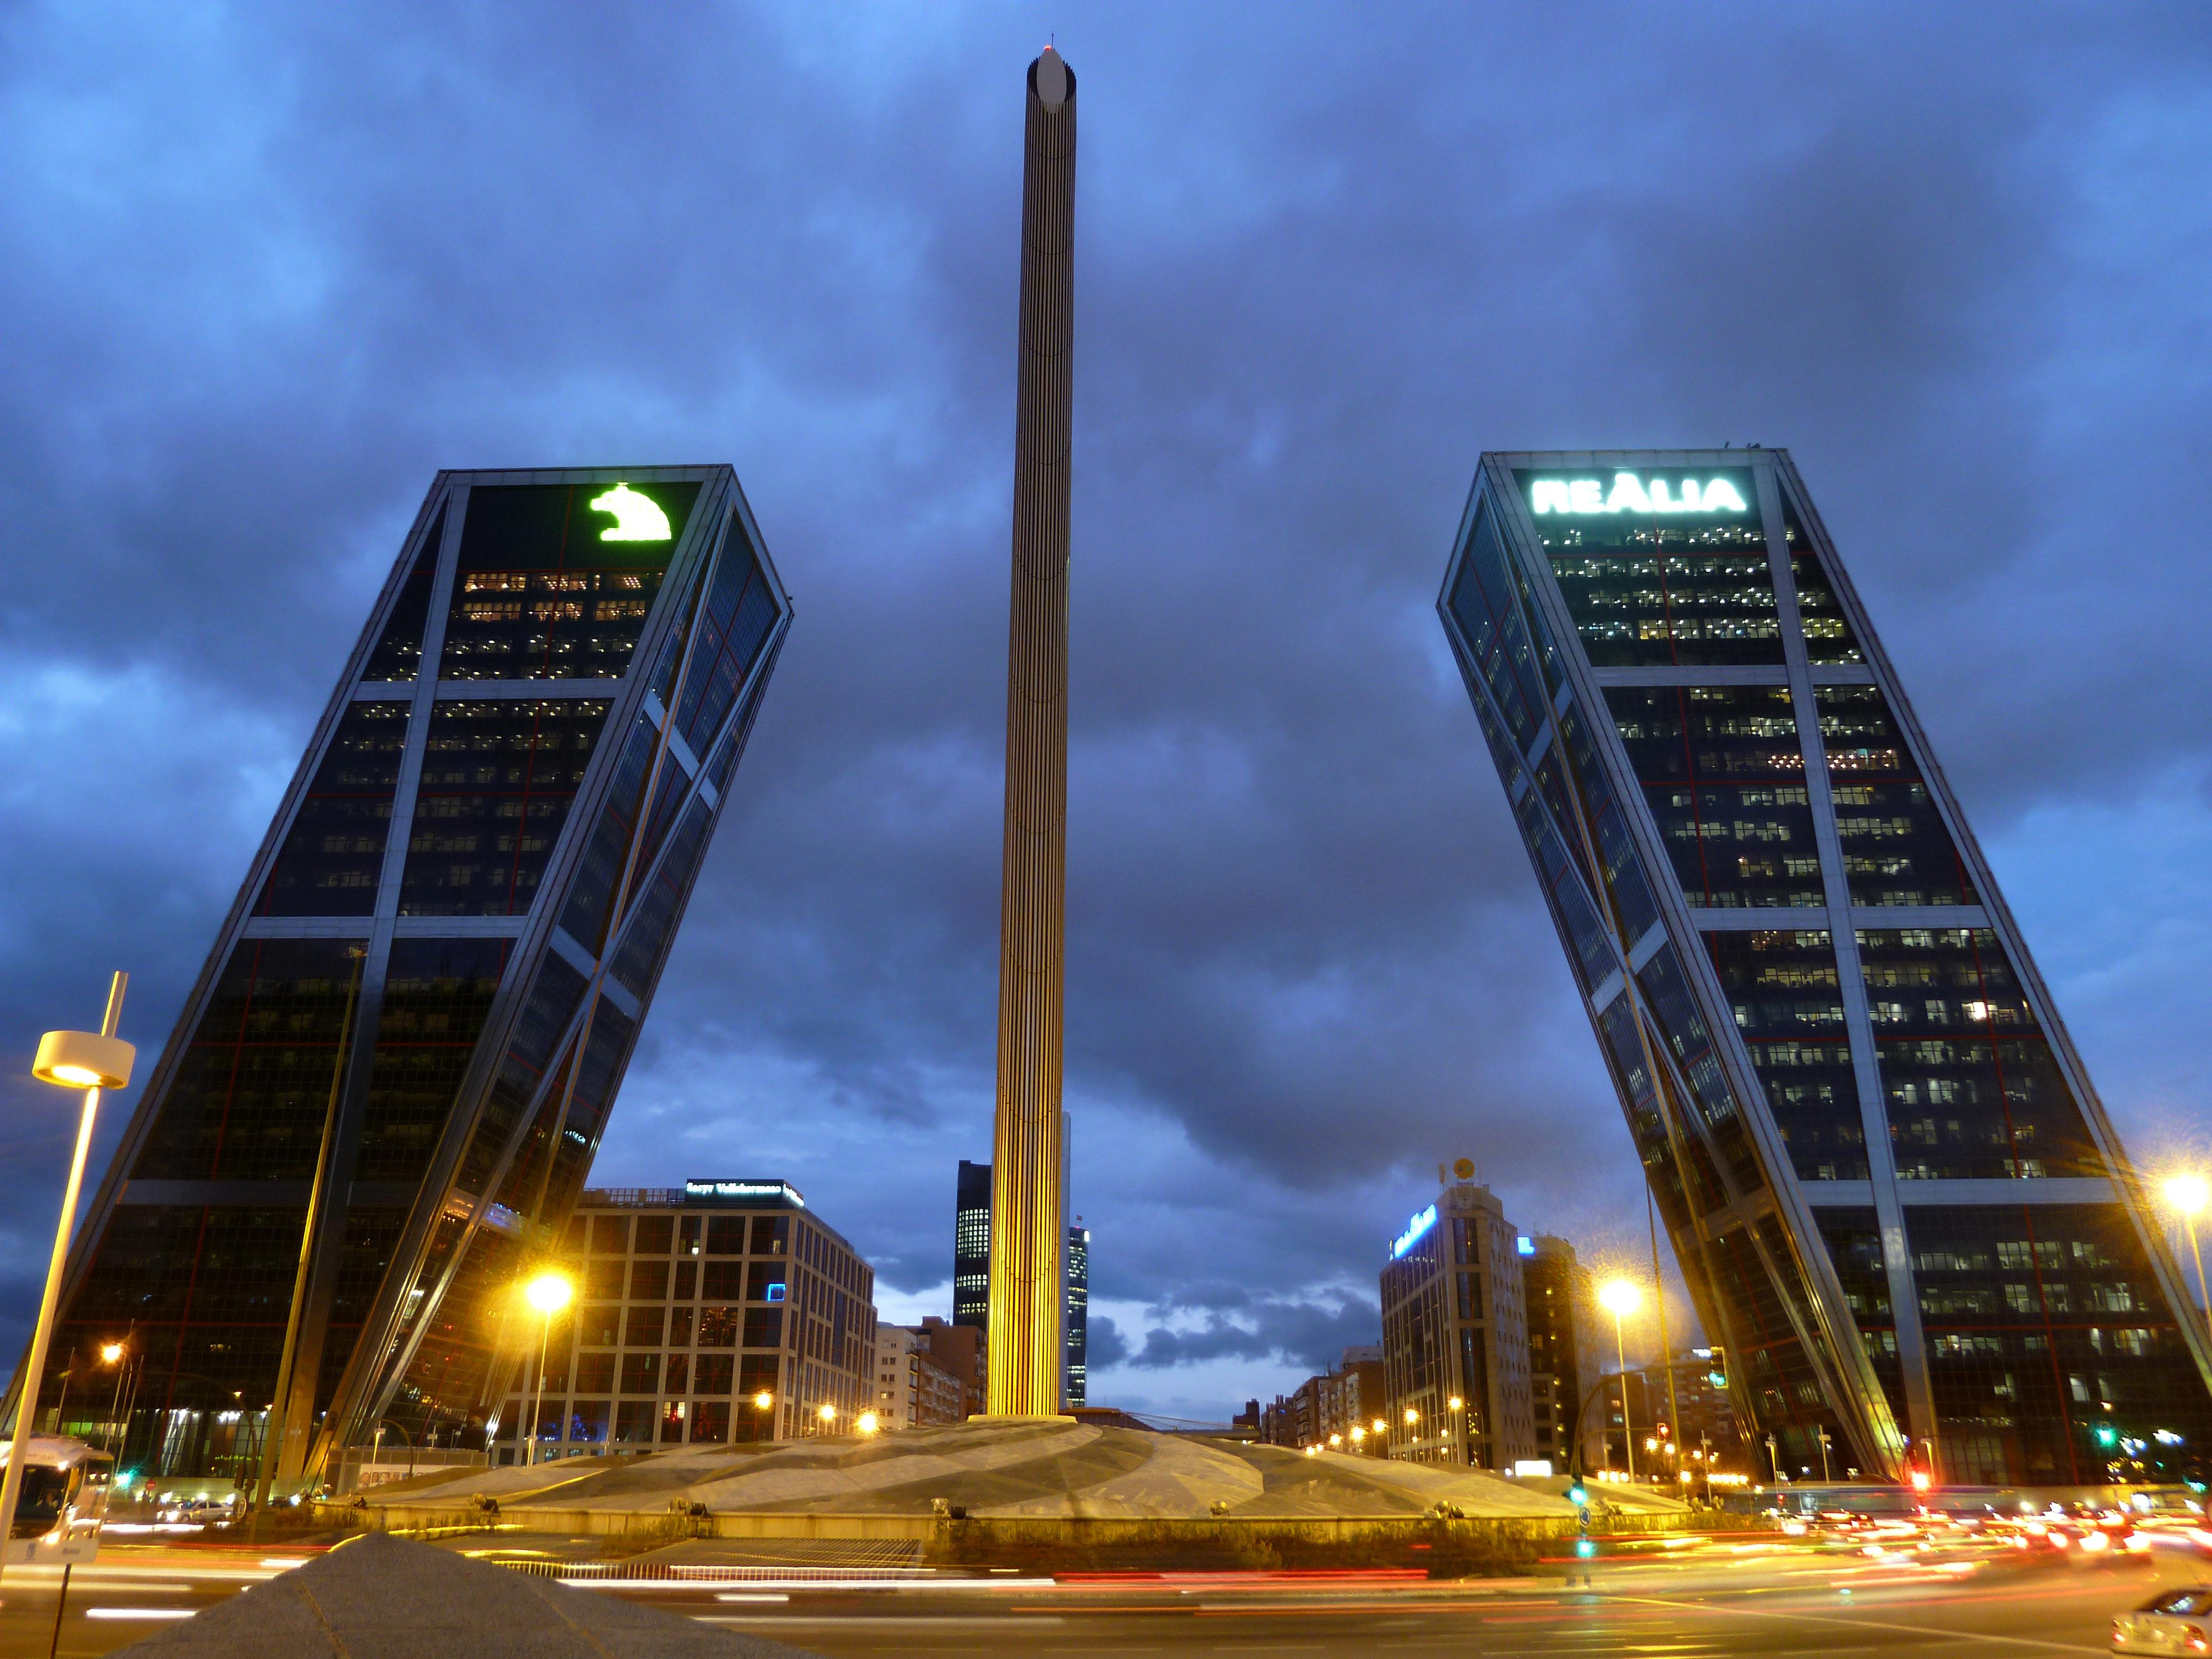 Obelisco de Plaza de Castilla, Madrid